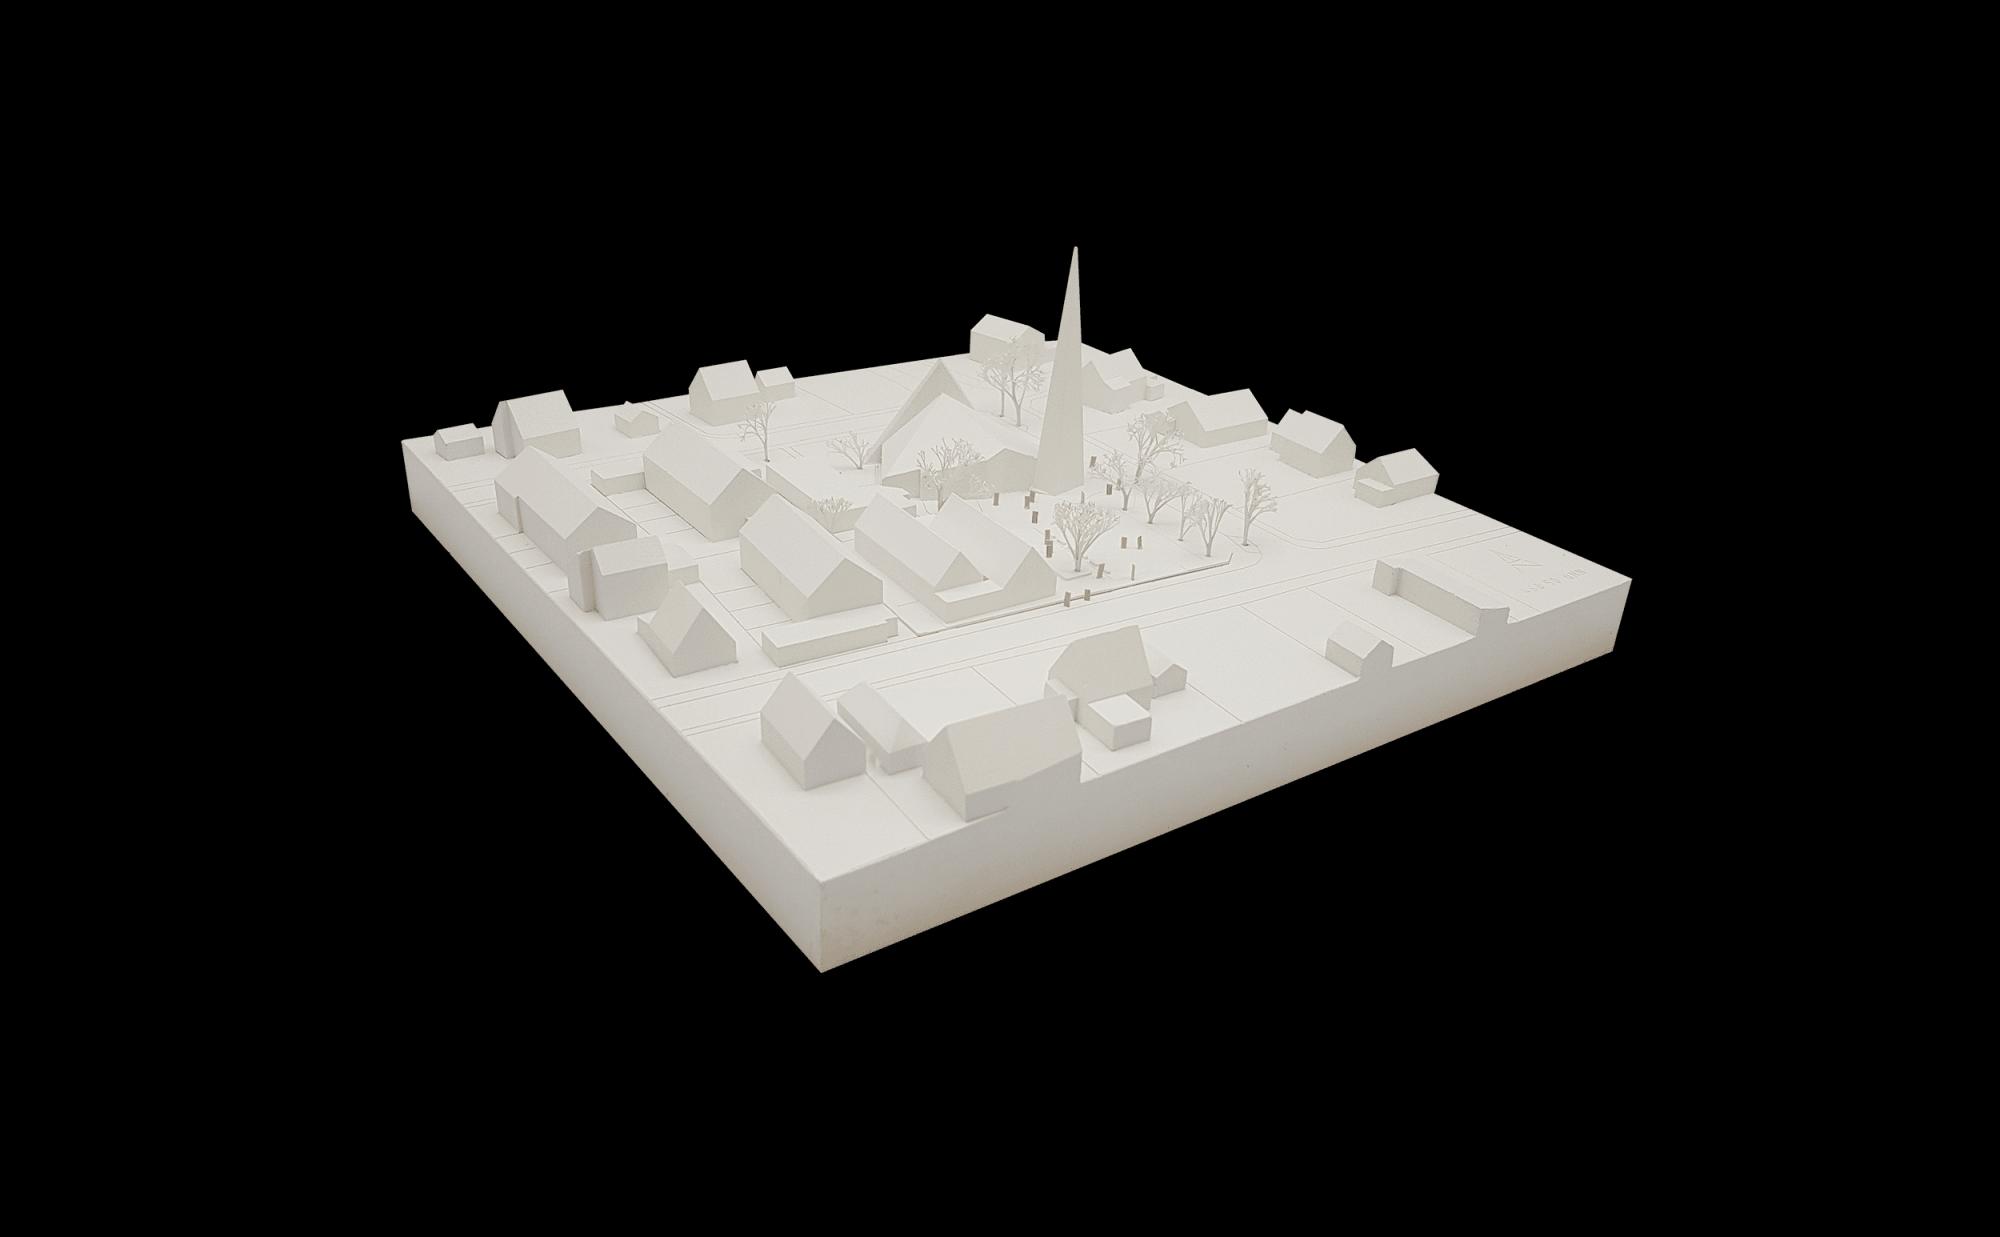 Modellbau in höchster Qualität in weiß und mit 3D Druck gefertigt